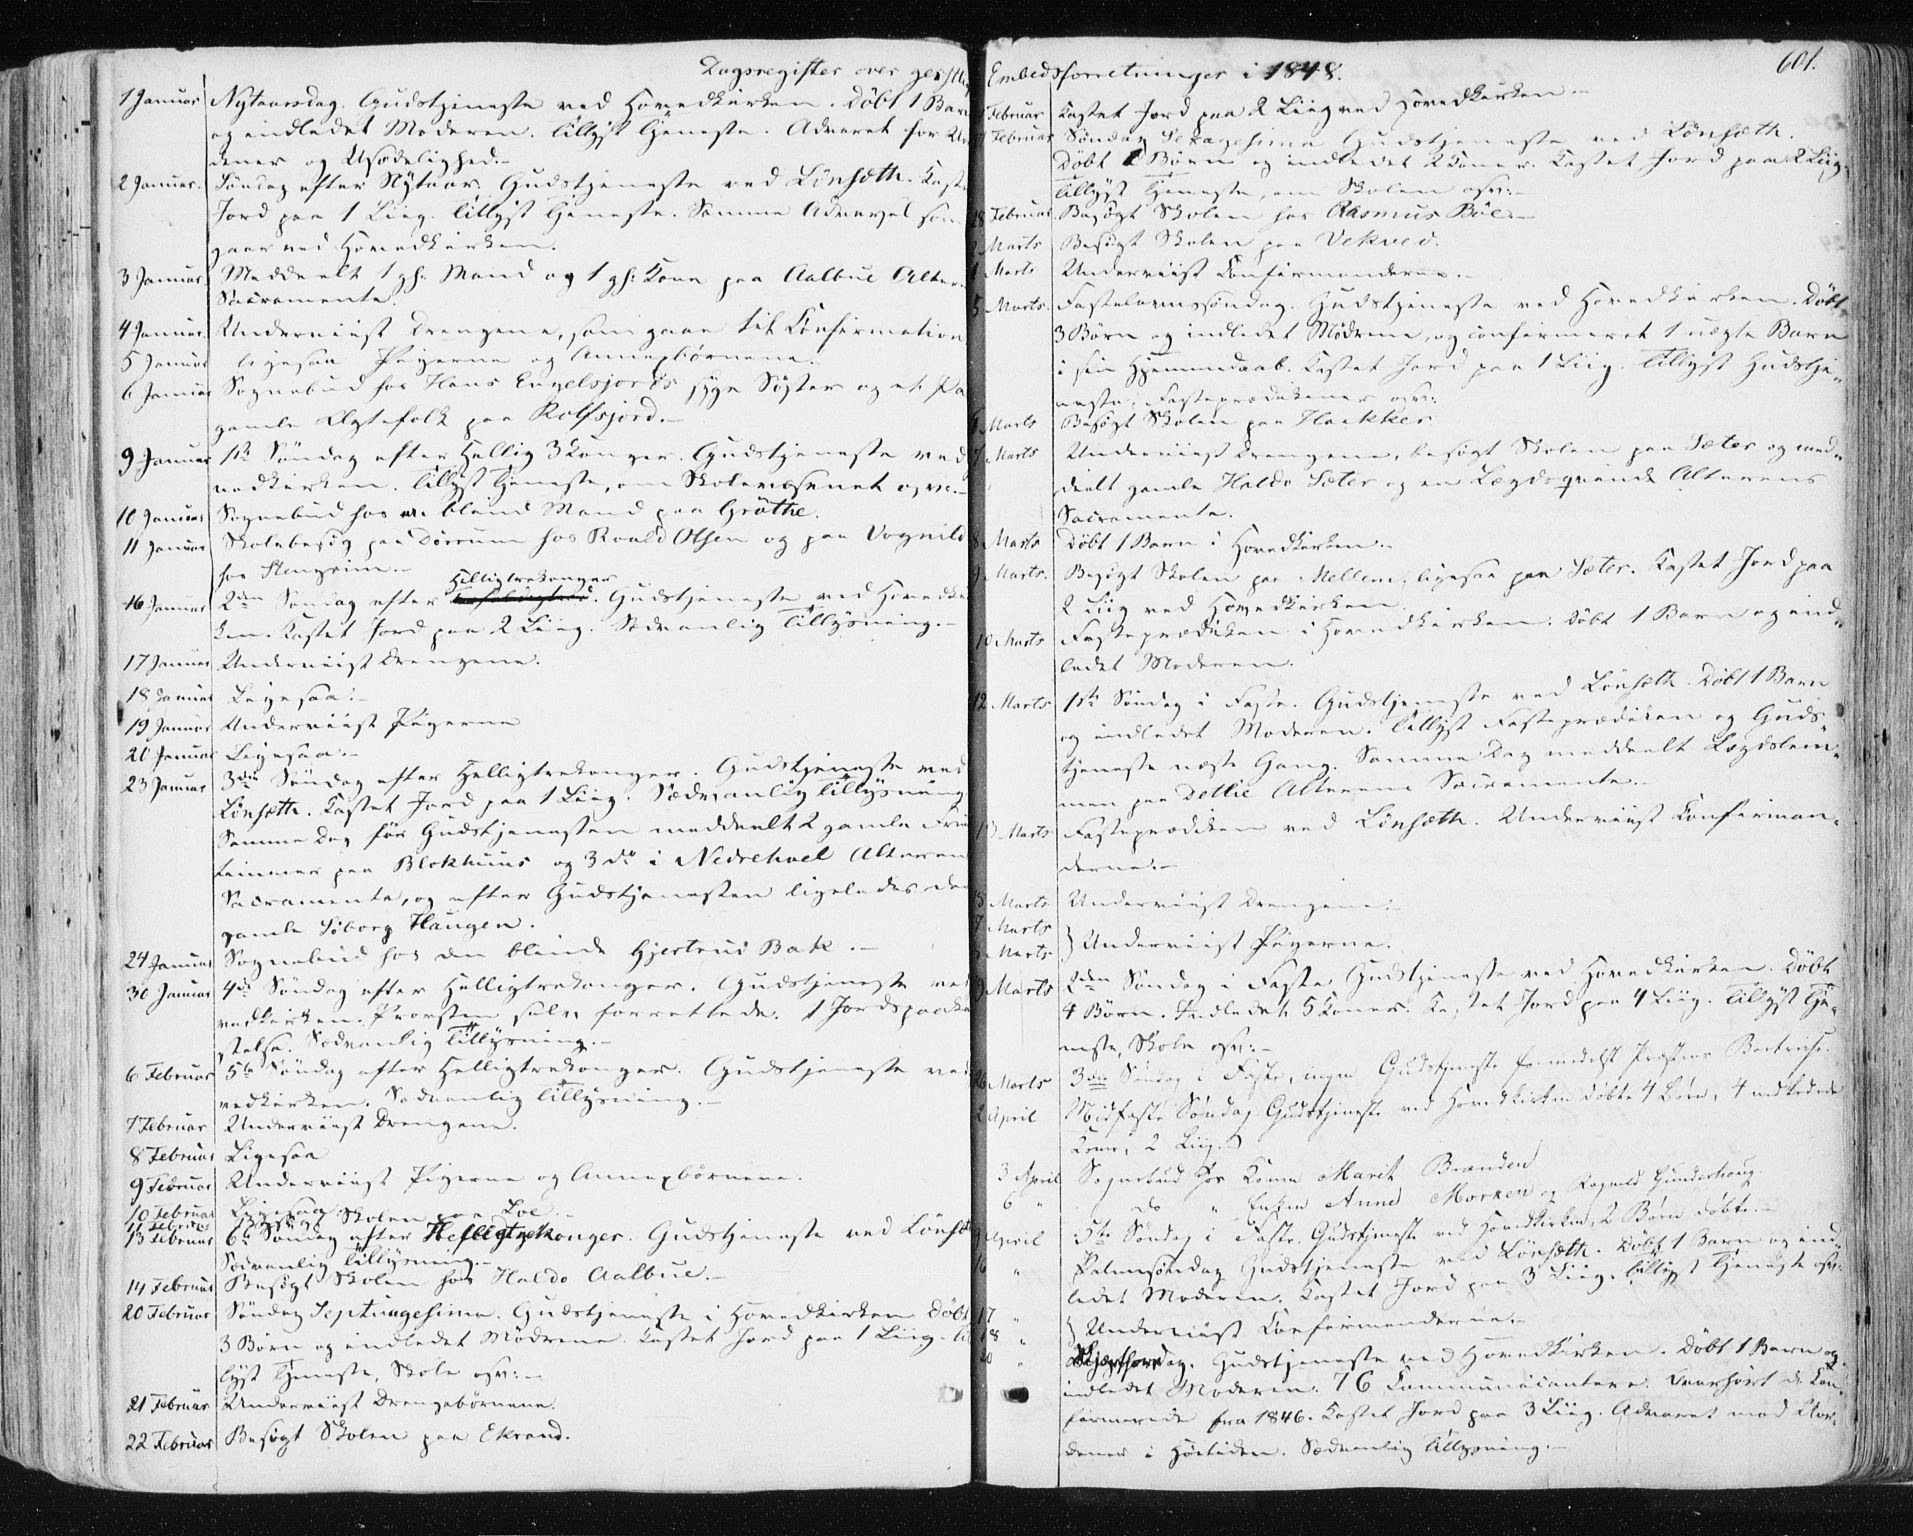 SAT, Ministerialprotokoller, klokkerbøker og fødselsregistre - Sør-Trøndelag, 678/L0899: Ministerialbok nr. 678A08, 1848-1872, s. 601